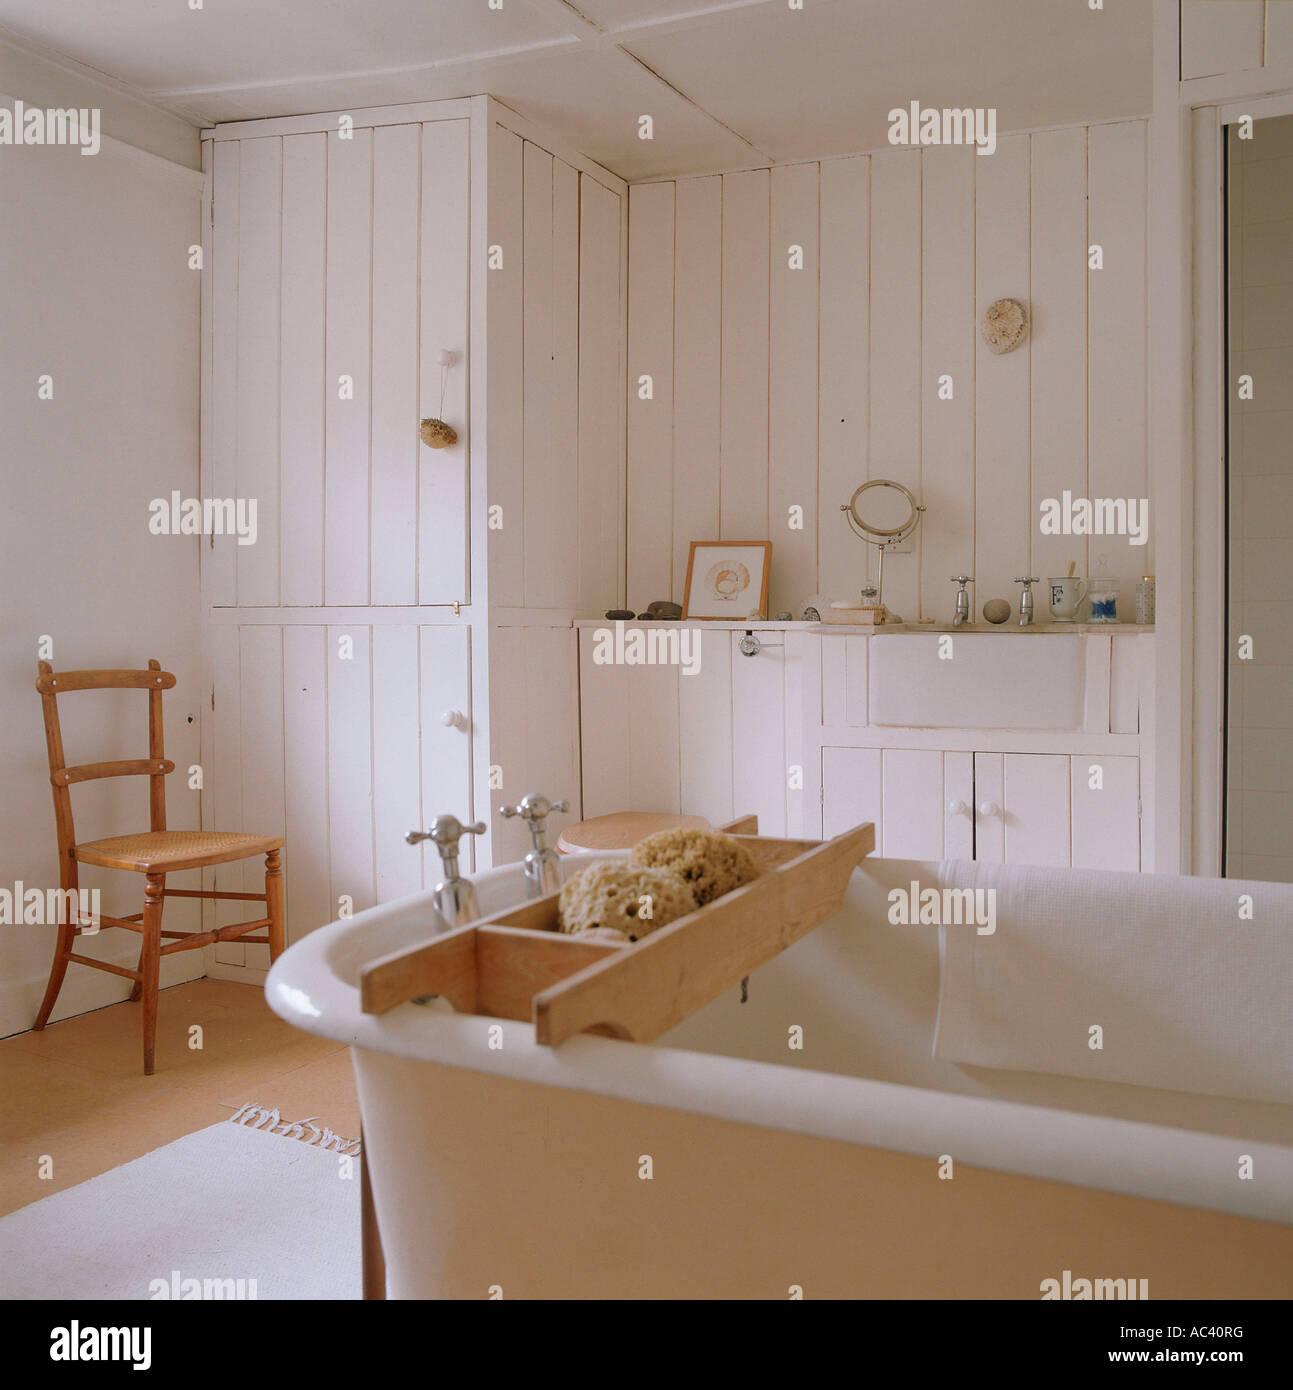 Freistehende Badewanne Im Weißen Badezimmer Von Restaurierten 18.  Jahrhundert Englische Stadthaus